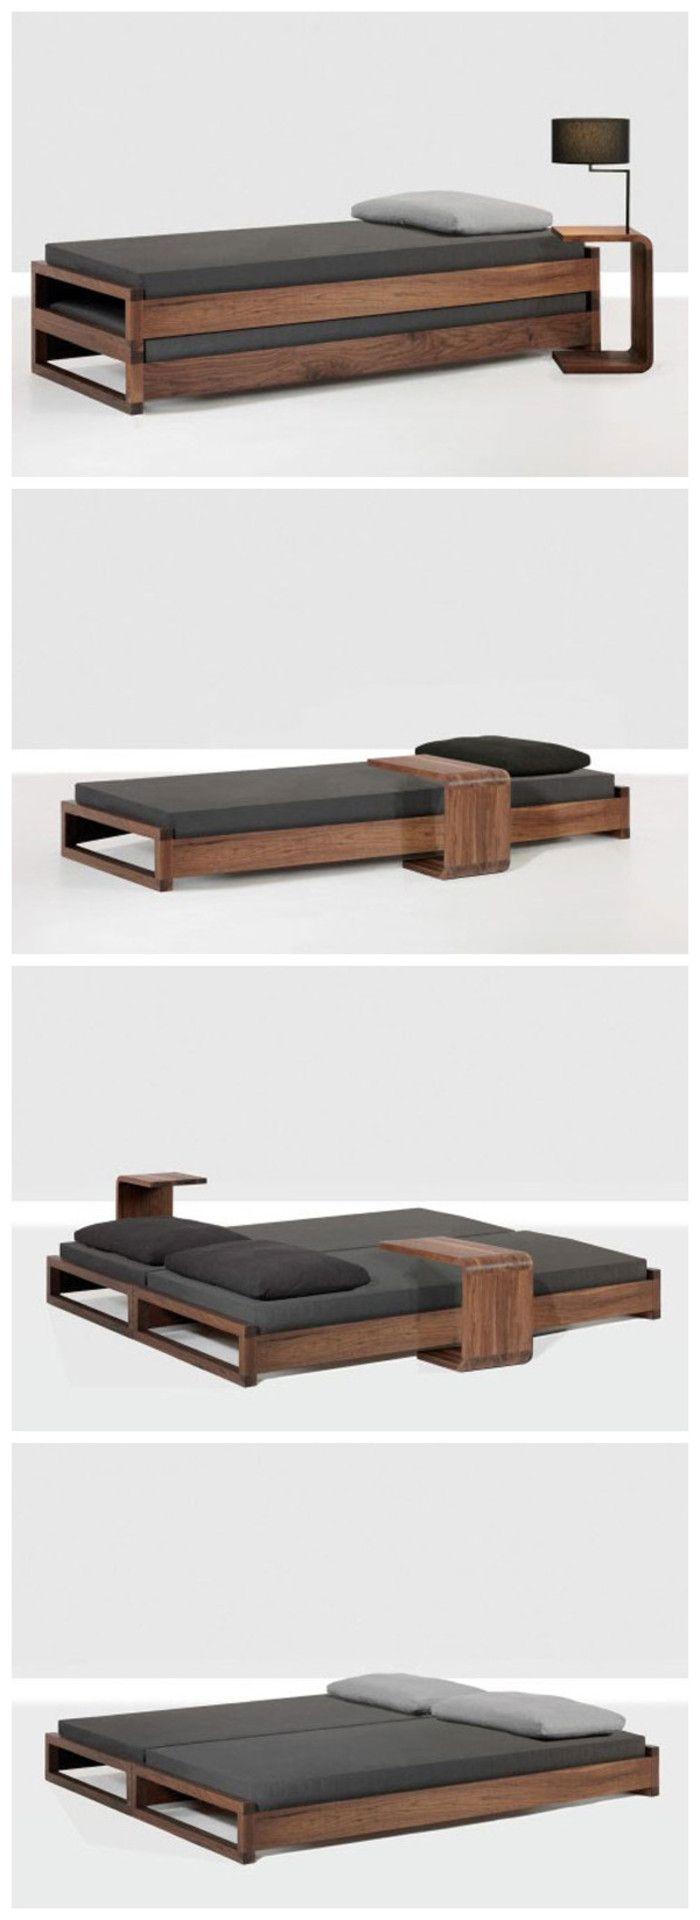 我想要的东西很特别,就如这张床。既能当单人床,又能当双人床。旁边还有个简单小巧的桌子,适合躺着看电视玩电脑。简约风~